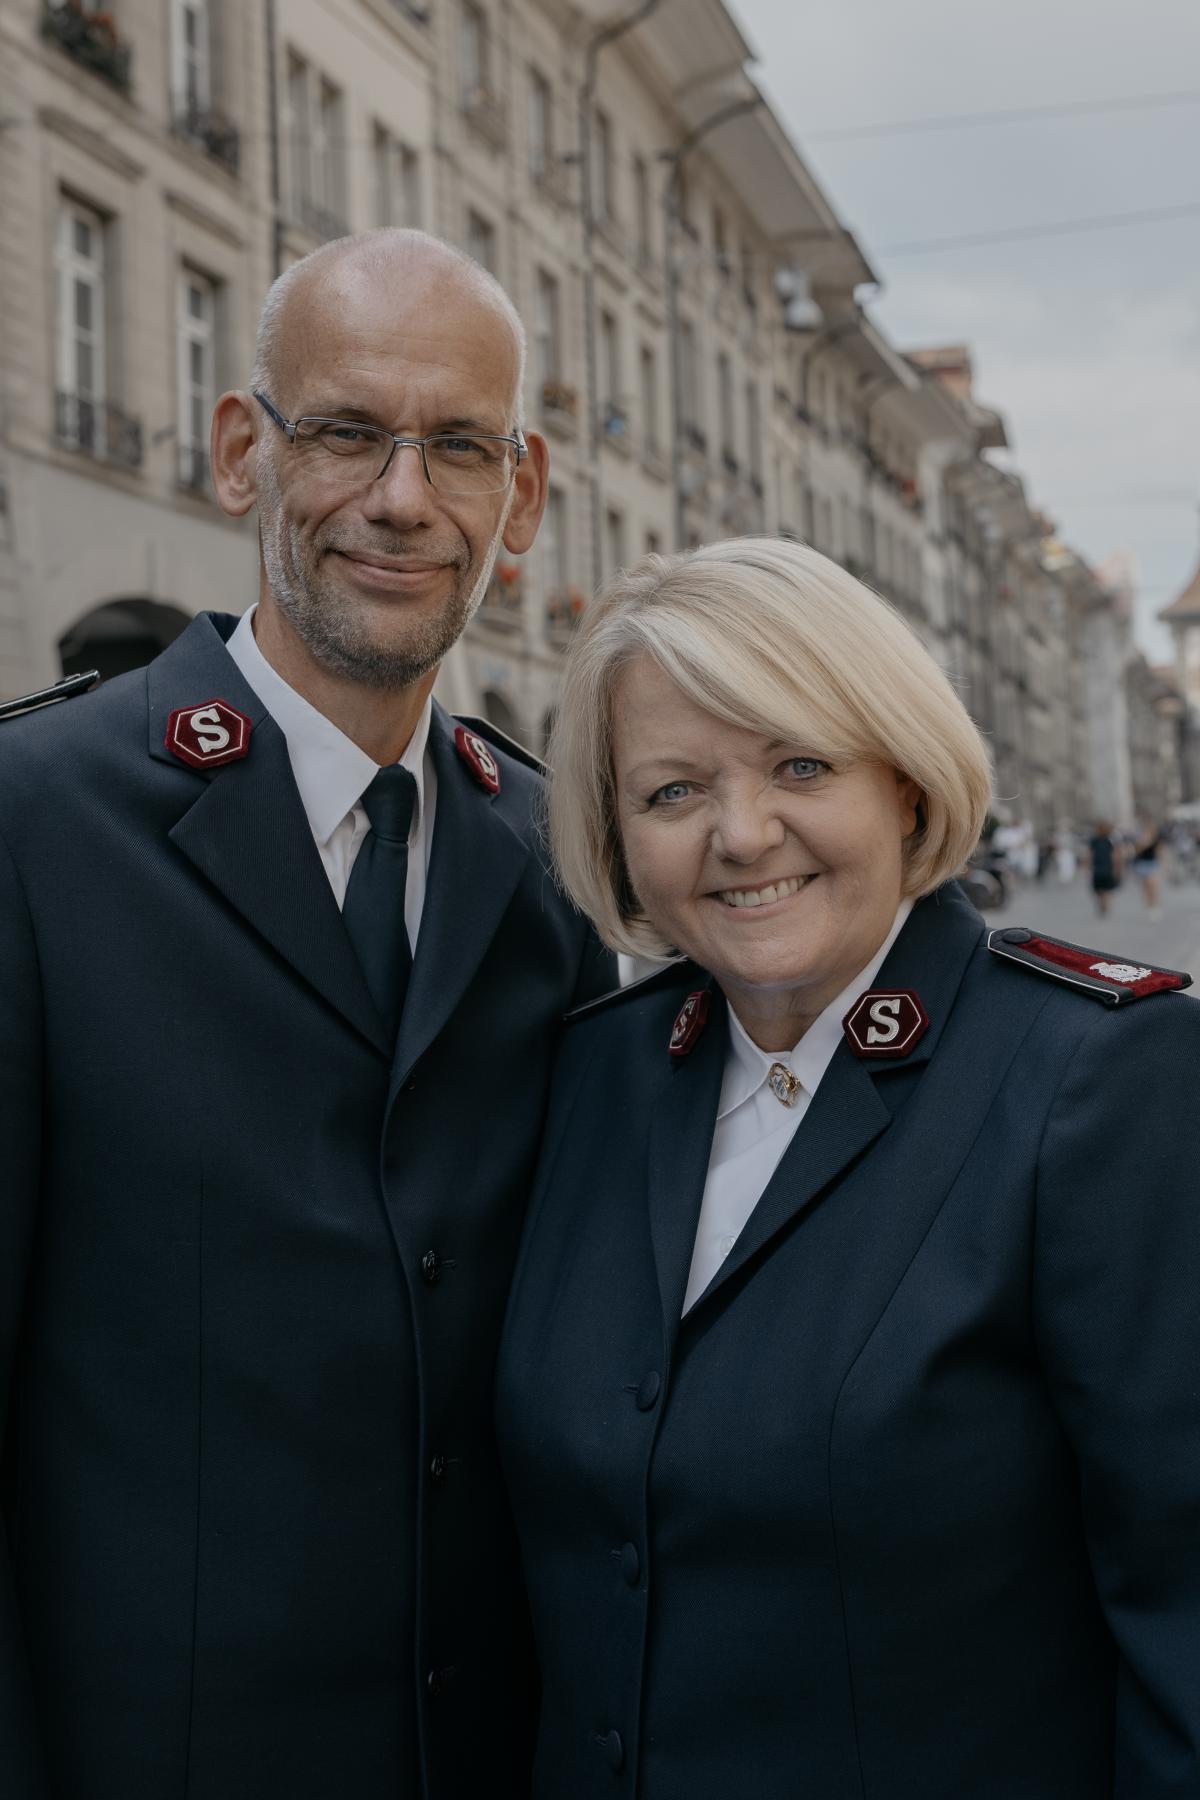 Kommissäre/Commissaires Henrik & Lisbeth Andersen, Territorialleiter / Chefs de territoire